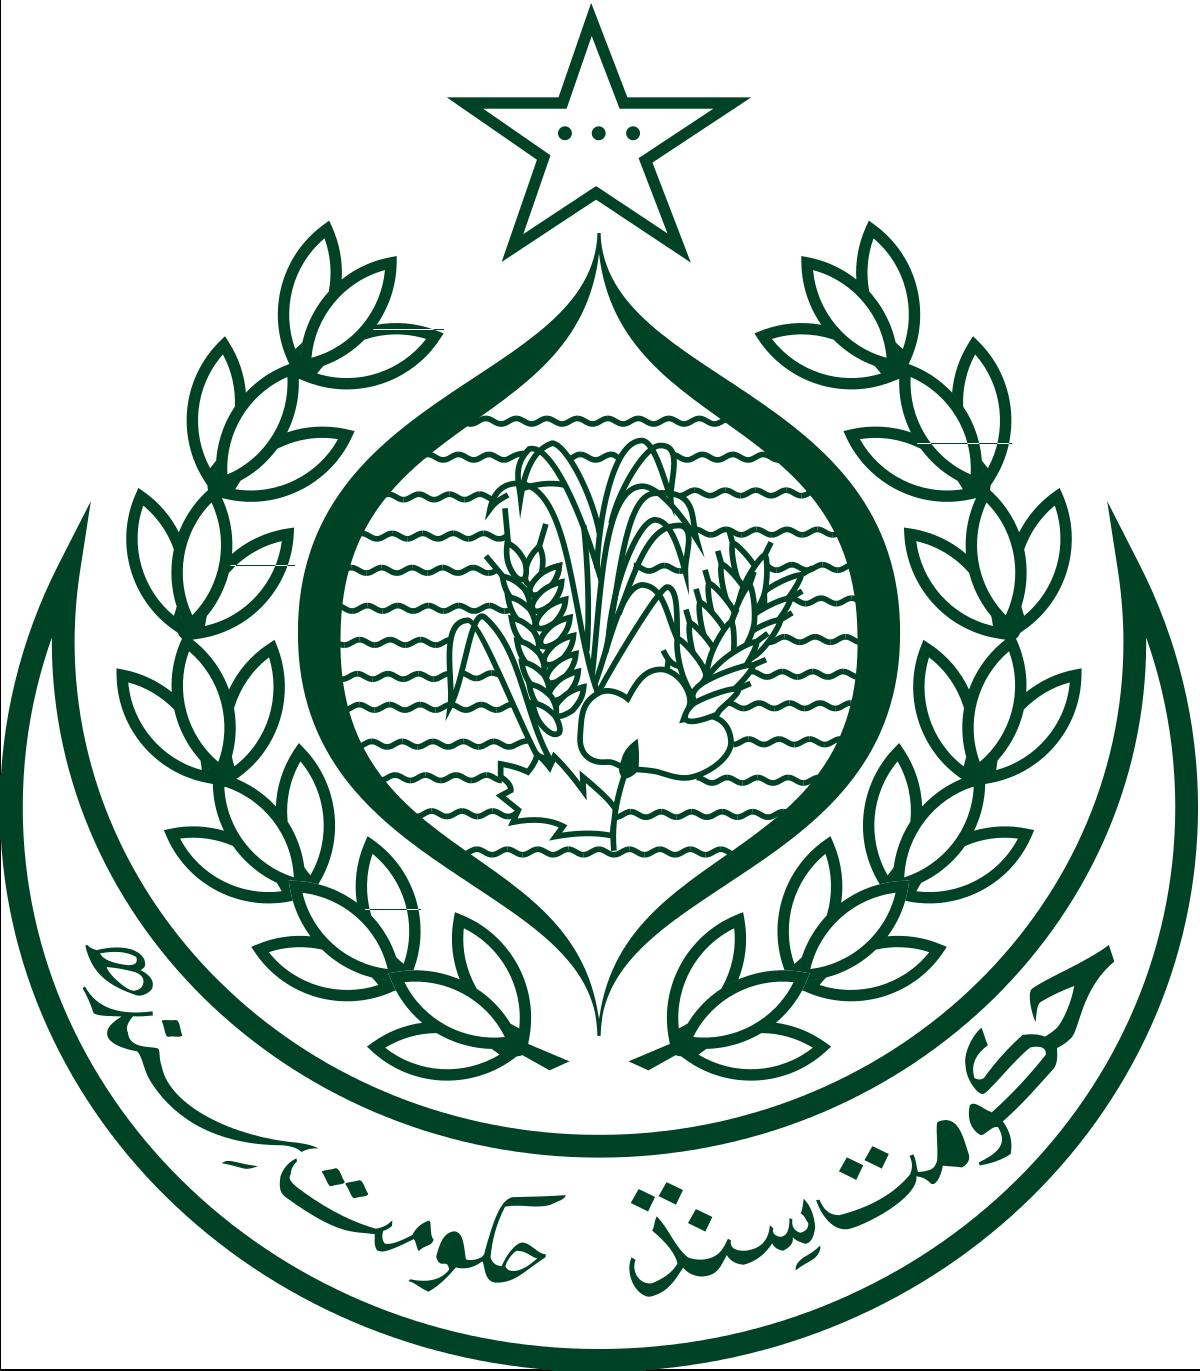 سندھ حکومت نے 14 اگست کو عام تعطیل کا اعلان کر دیا